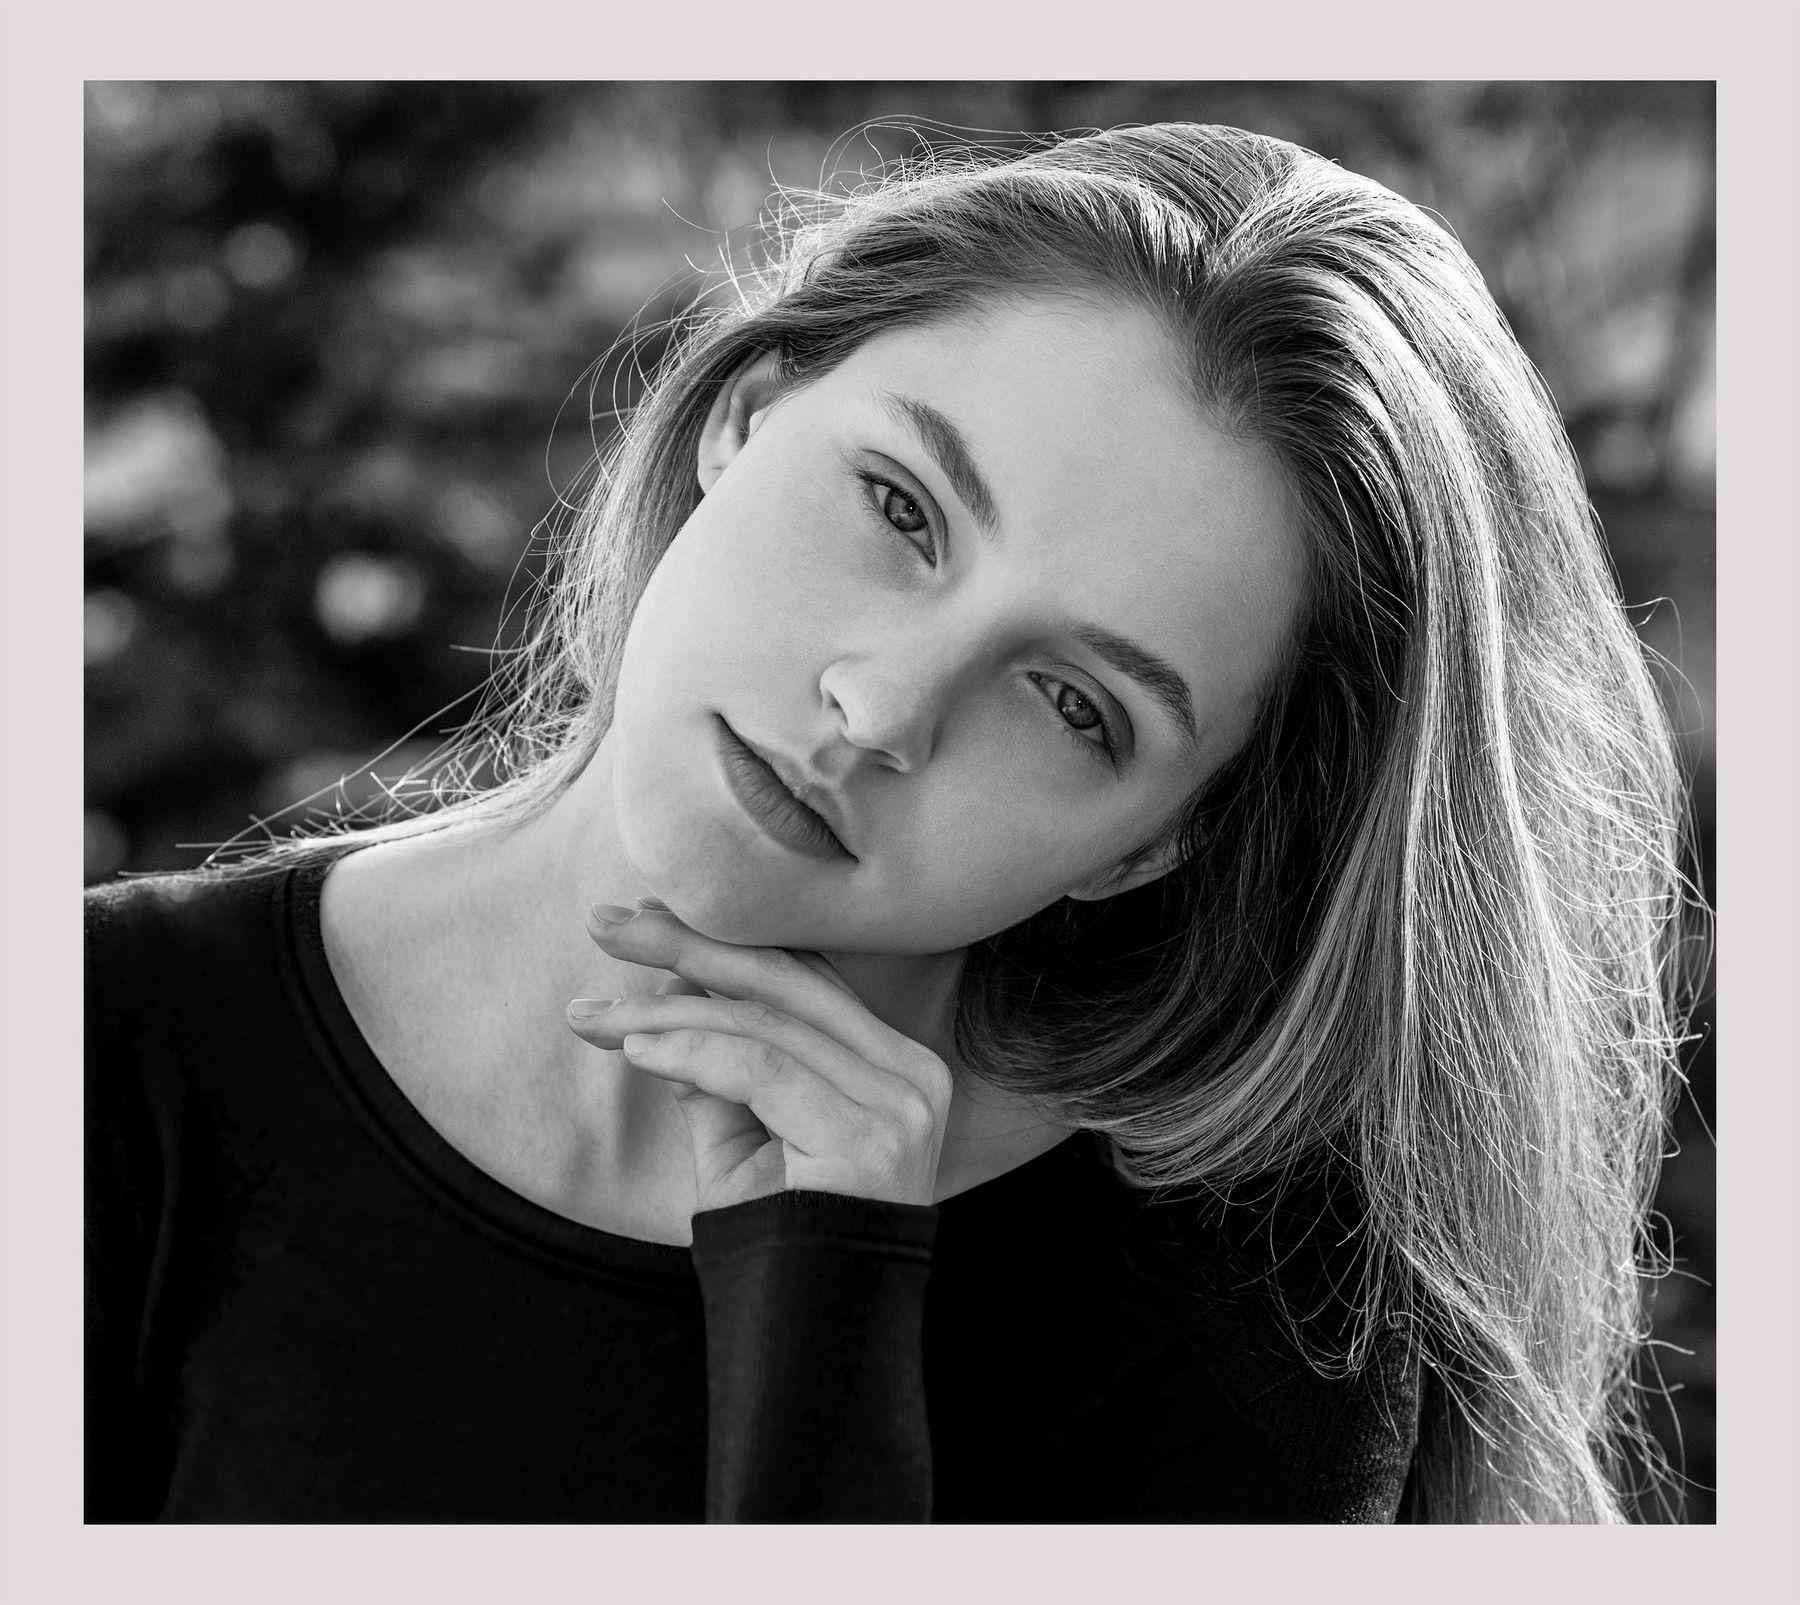 Полина7 Полина Рыковская модель Beauty girl model